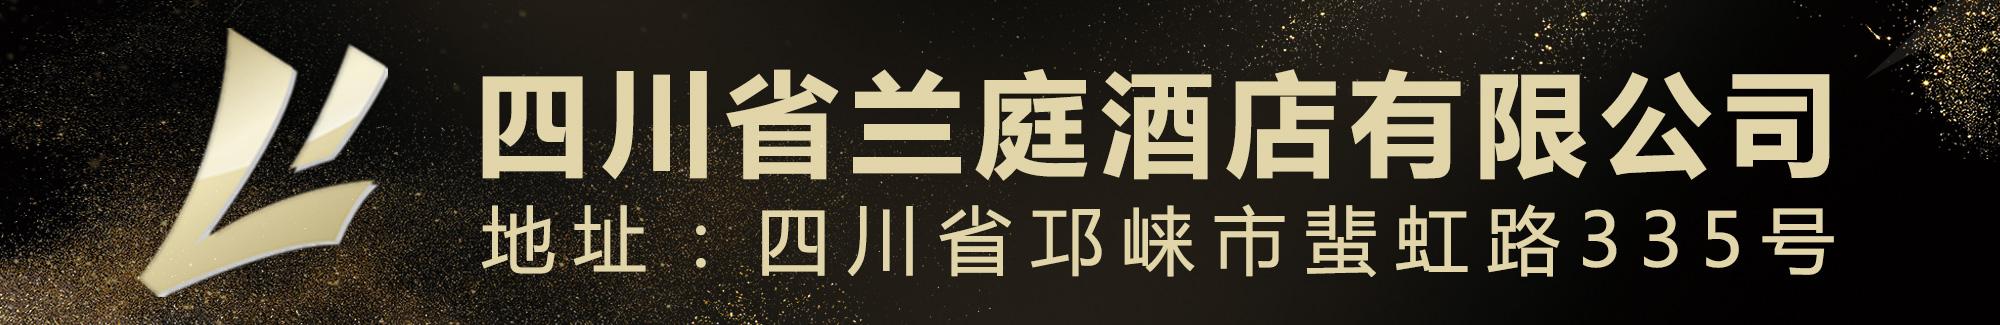 四川省兰庭酒店有限公司(就业局已审)